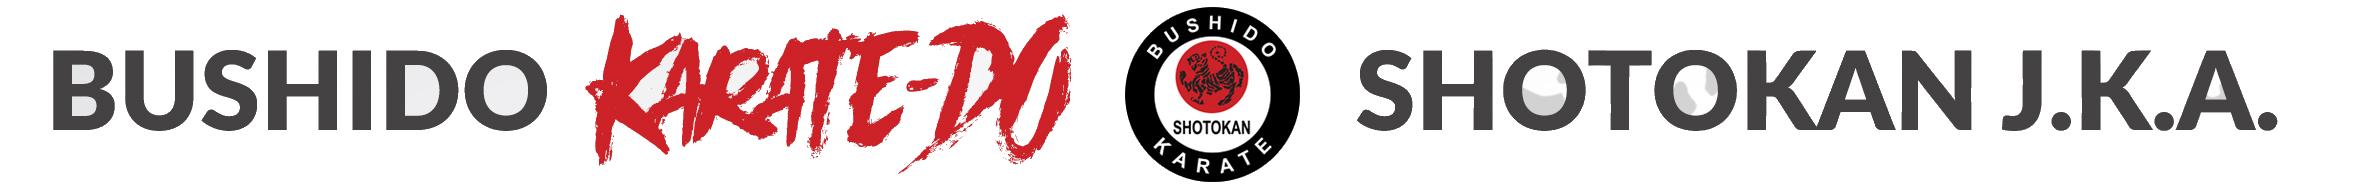 Dojo Bushido: Karate Shotokan J.K.A – Iquique , Chile.